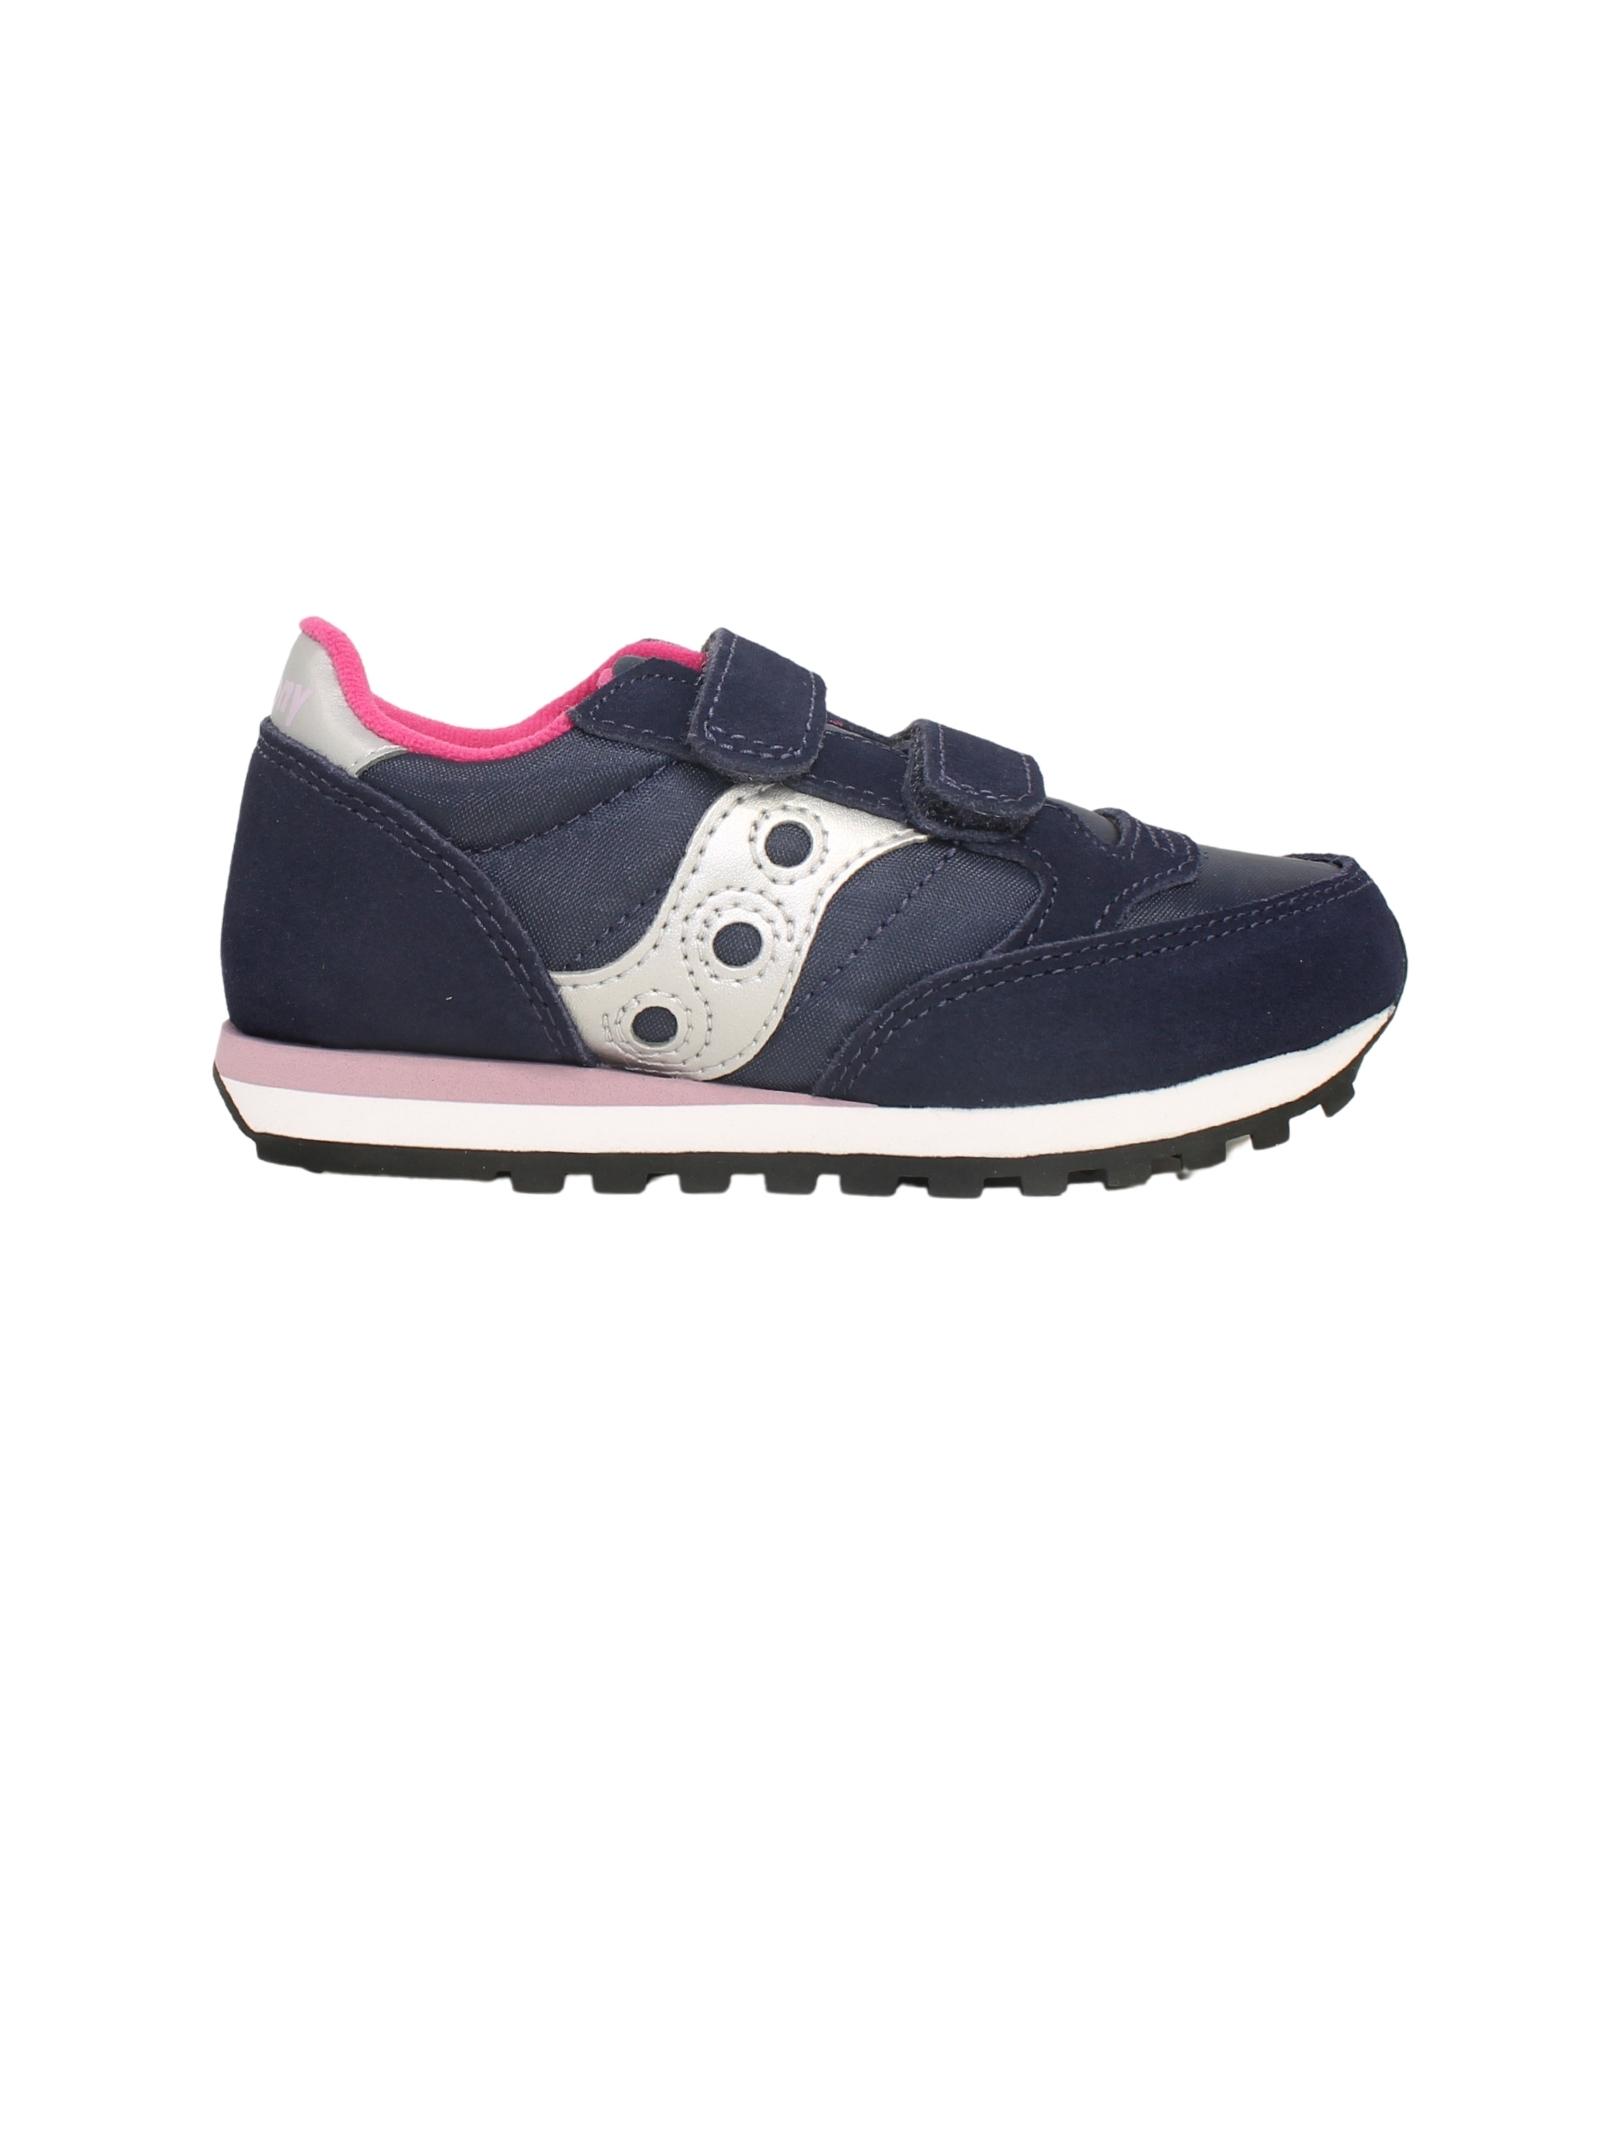 Sneakers Jazz Double Navy Bambina SAUCONY KIDS | Sneakers | SK165147NAVY/PINK